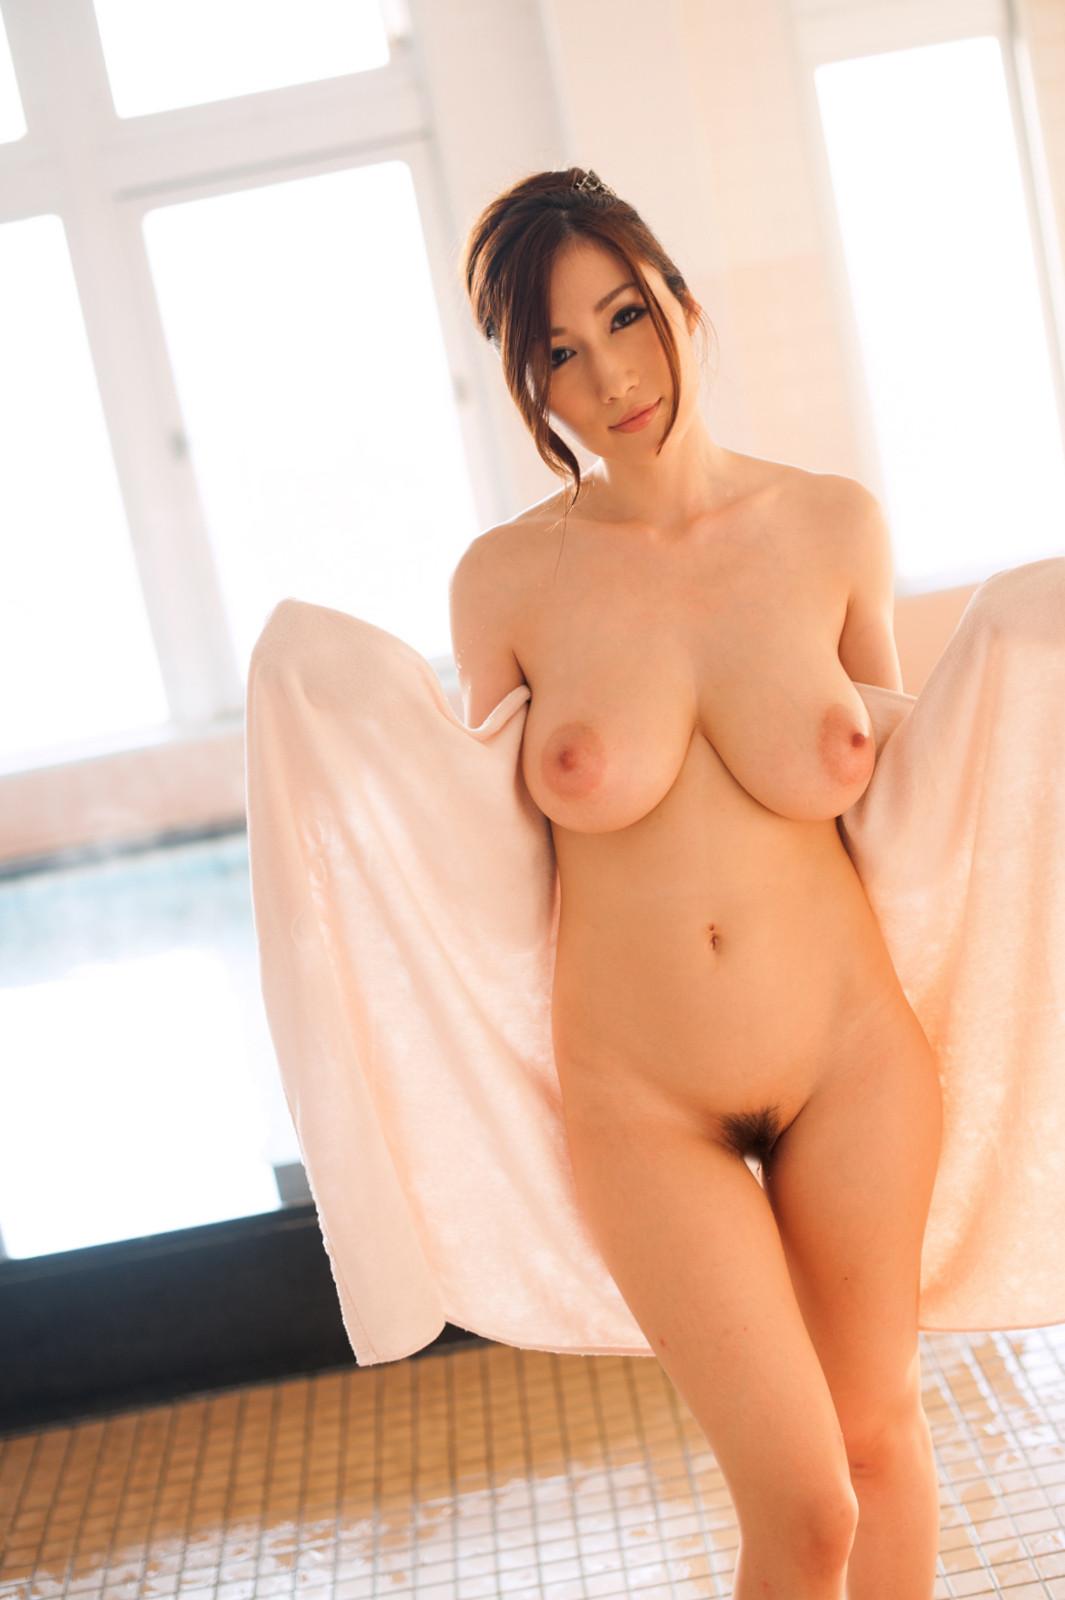 AV女優 JULIA(ジュリア) 画像 116